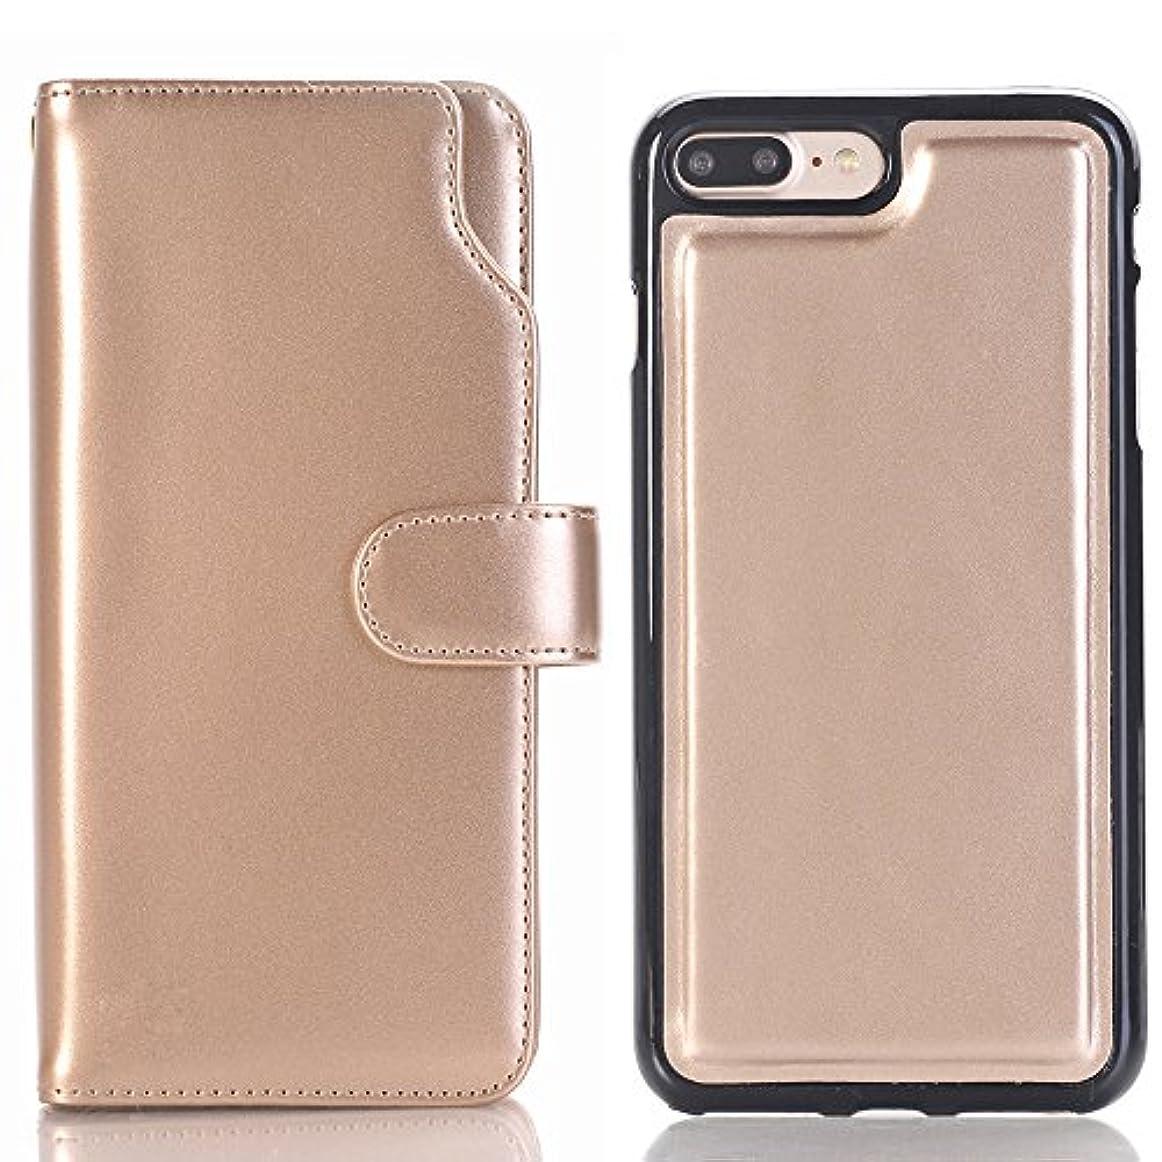 居住者人生を作る期限iPhone 6 Plus ケース 分離可能、SIMPLE DO 良質レザー おしゃれデザイン カード収納 傷つけ防止 業務用(ゴールド)